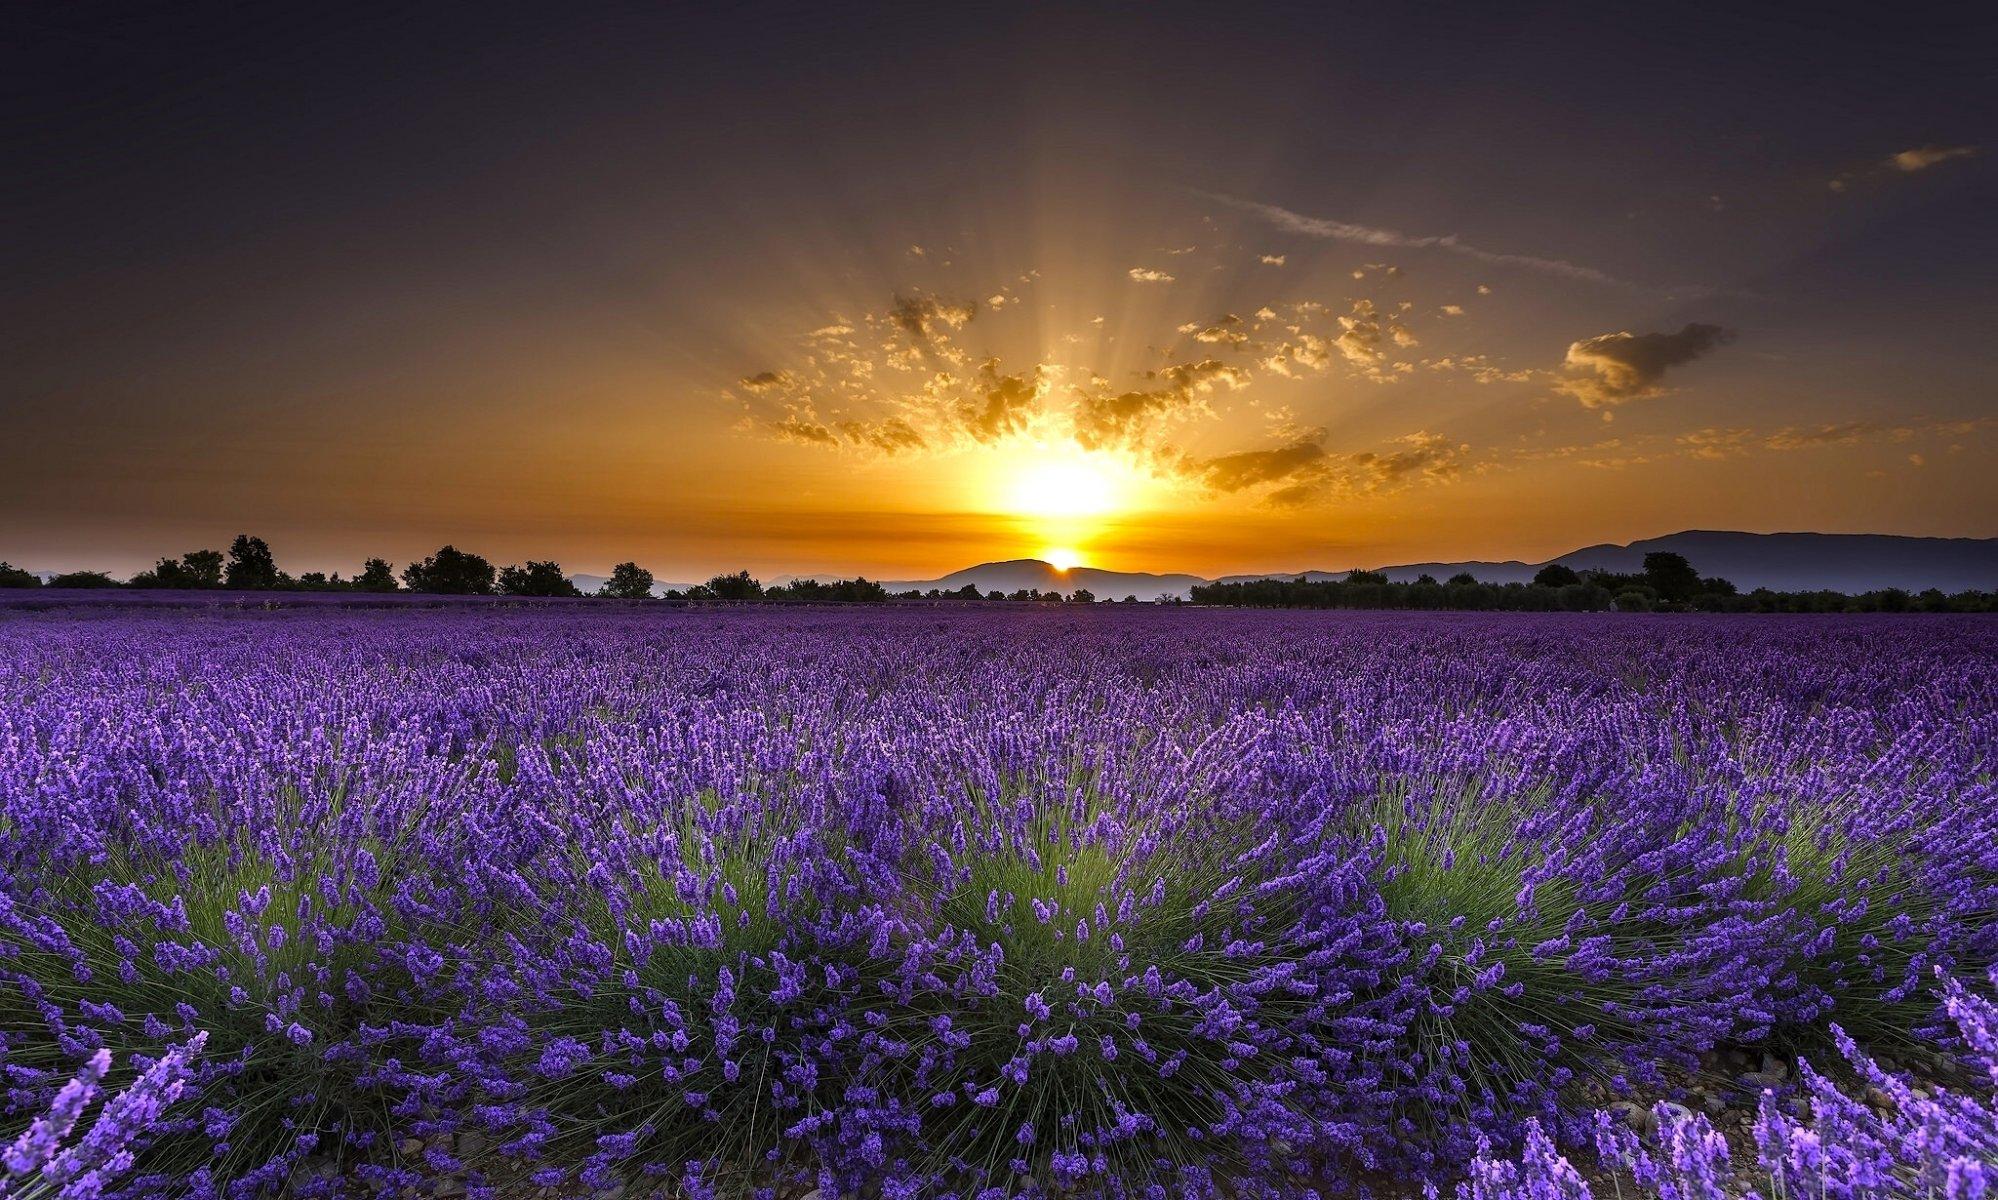 природа цветы трава мельниц восход солнце  № 2556711 загрузить